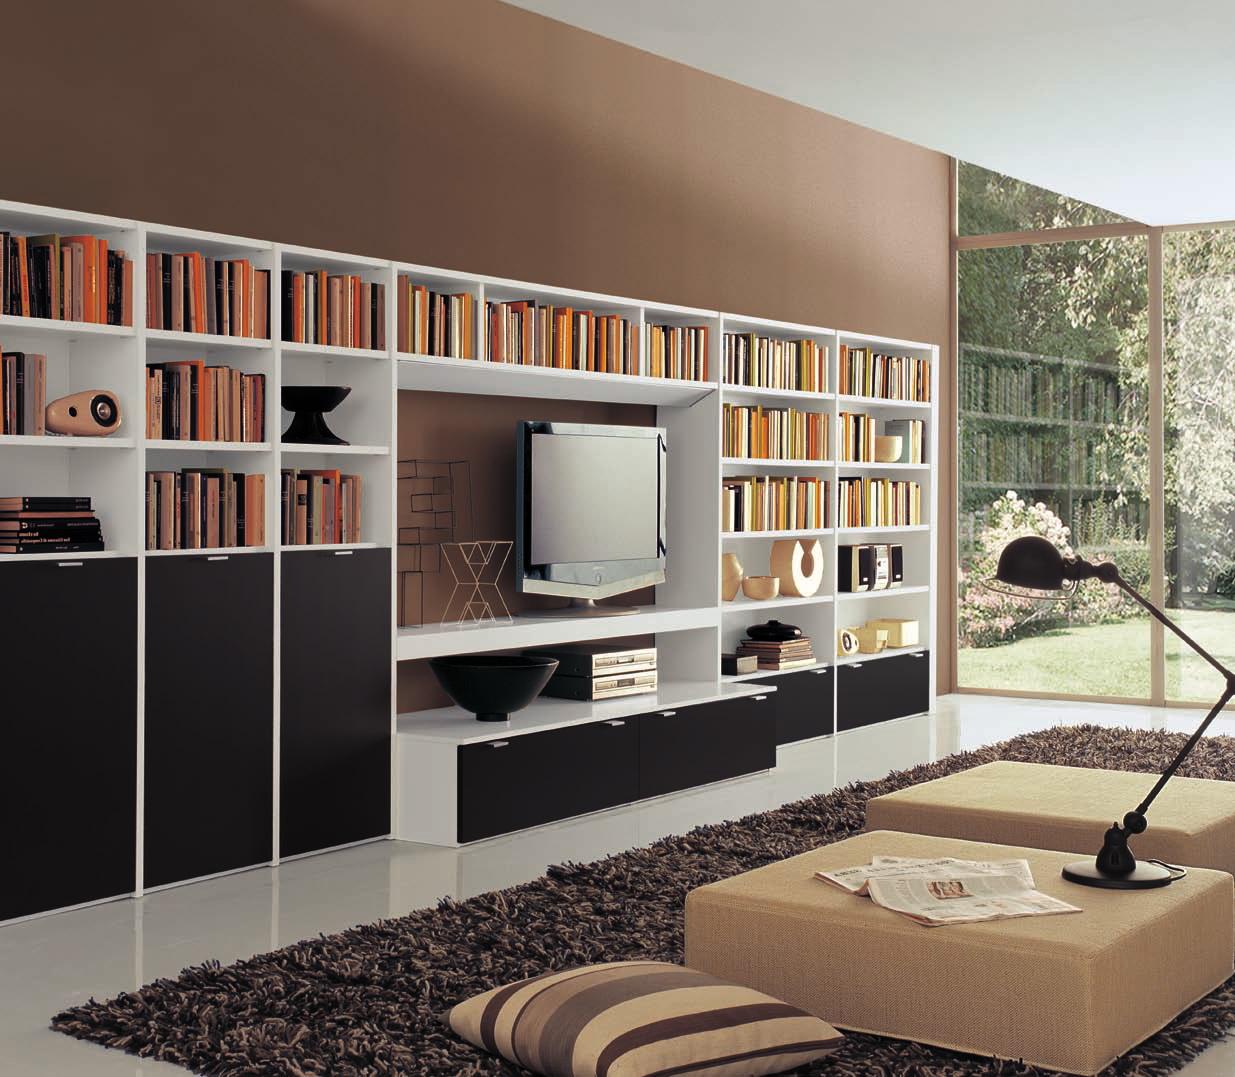 Gab - интерьеры и мебель для молодого поколения от tiziana e.